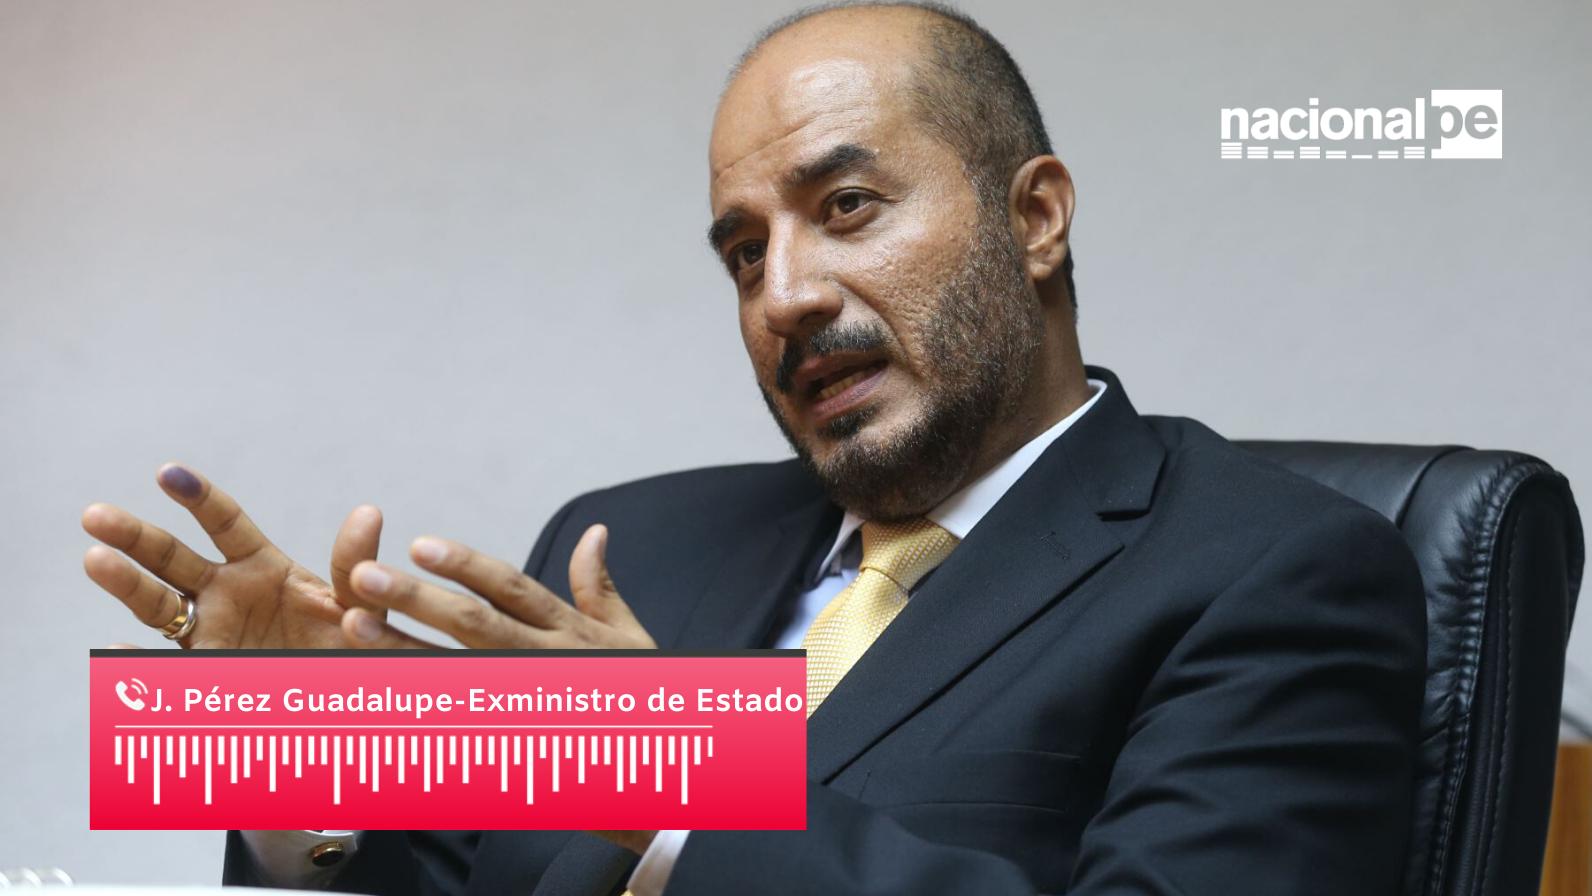 """Pérez Guadalupe: """"En época de elecciones, en las religiones no existe el voto confesional"""" - Radio Nacional del Perú"""